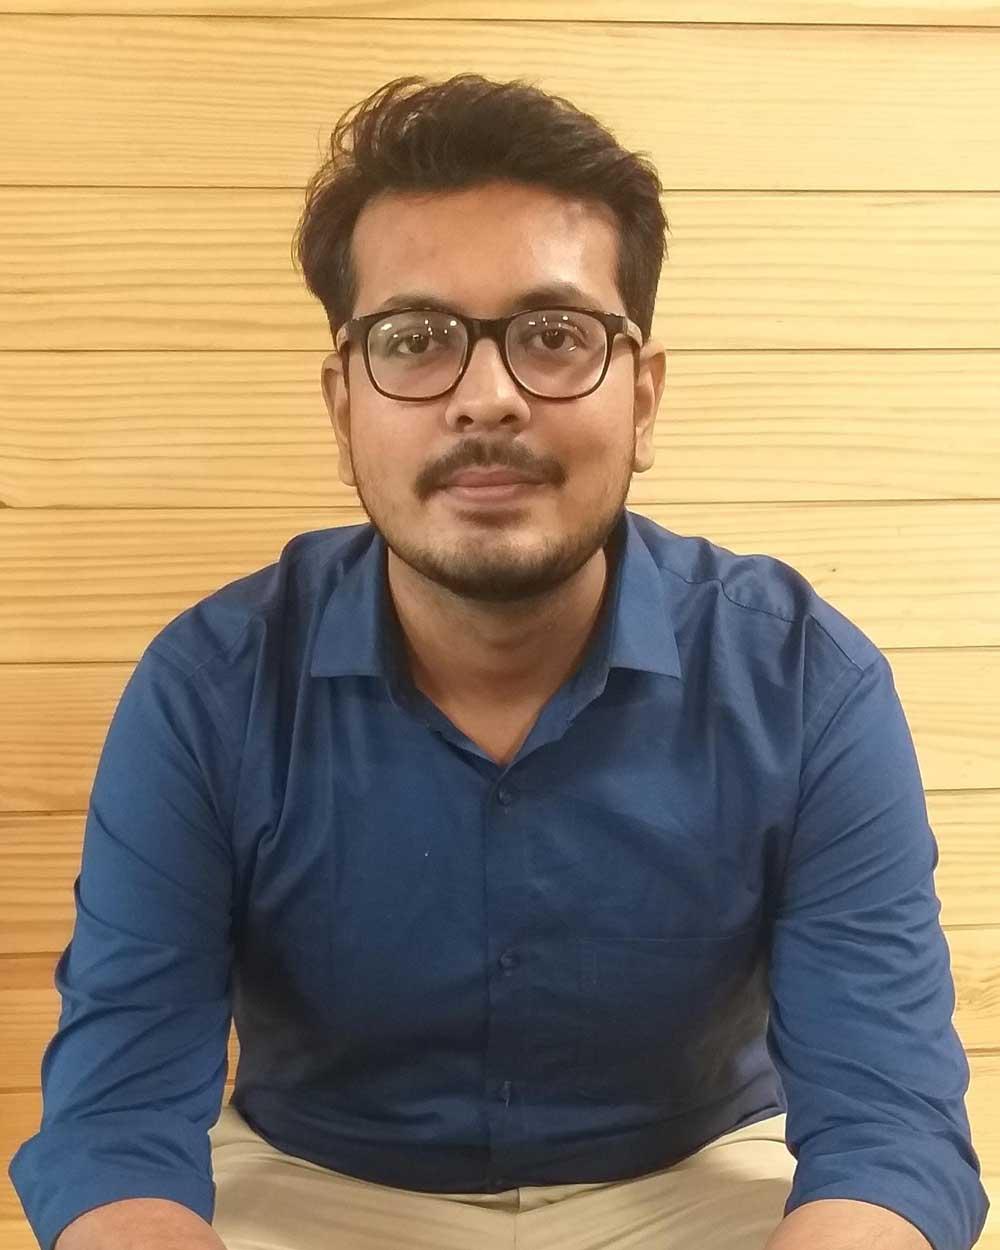 Akash Mandaliya